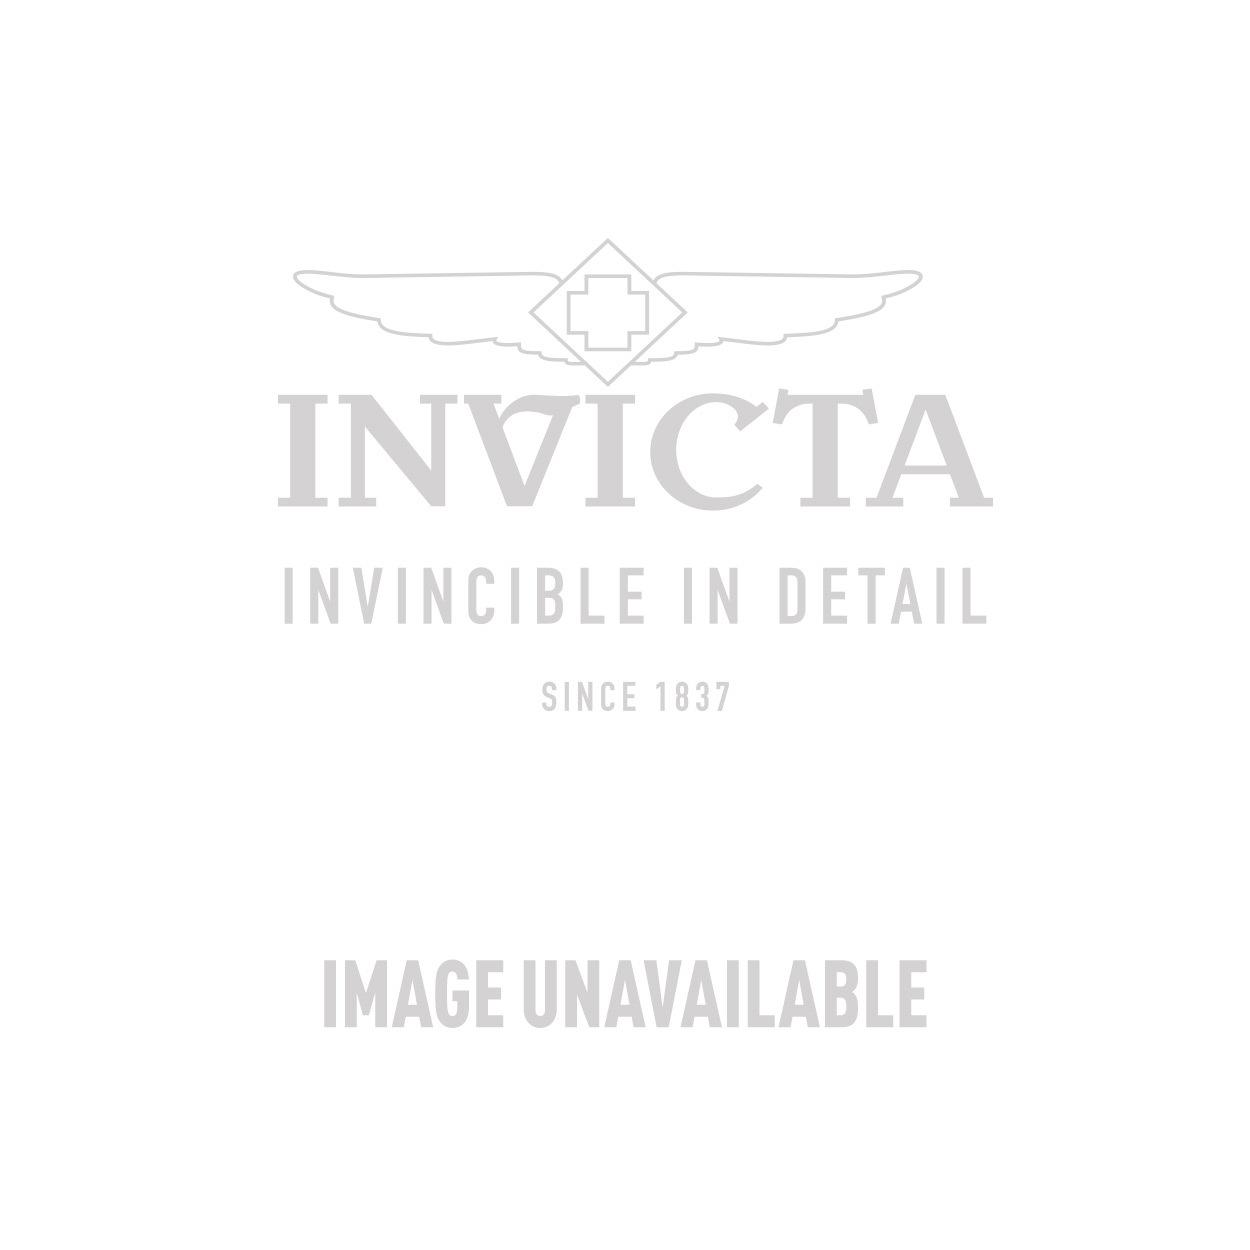 Invicta Model 29673